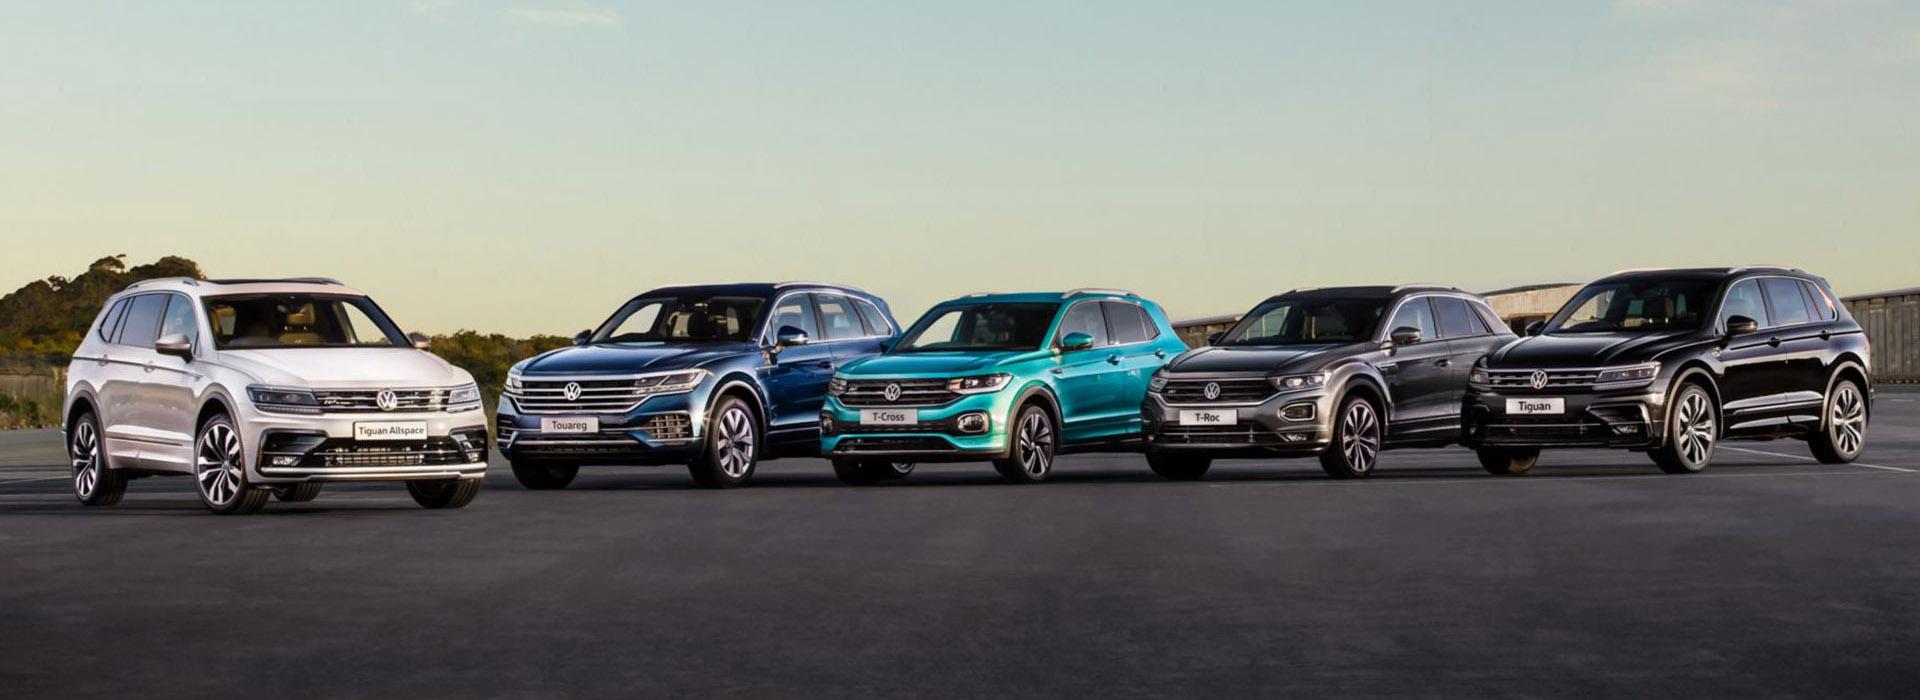 Volkswagen New Car Range